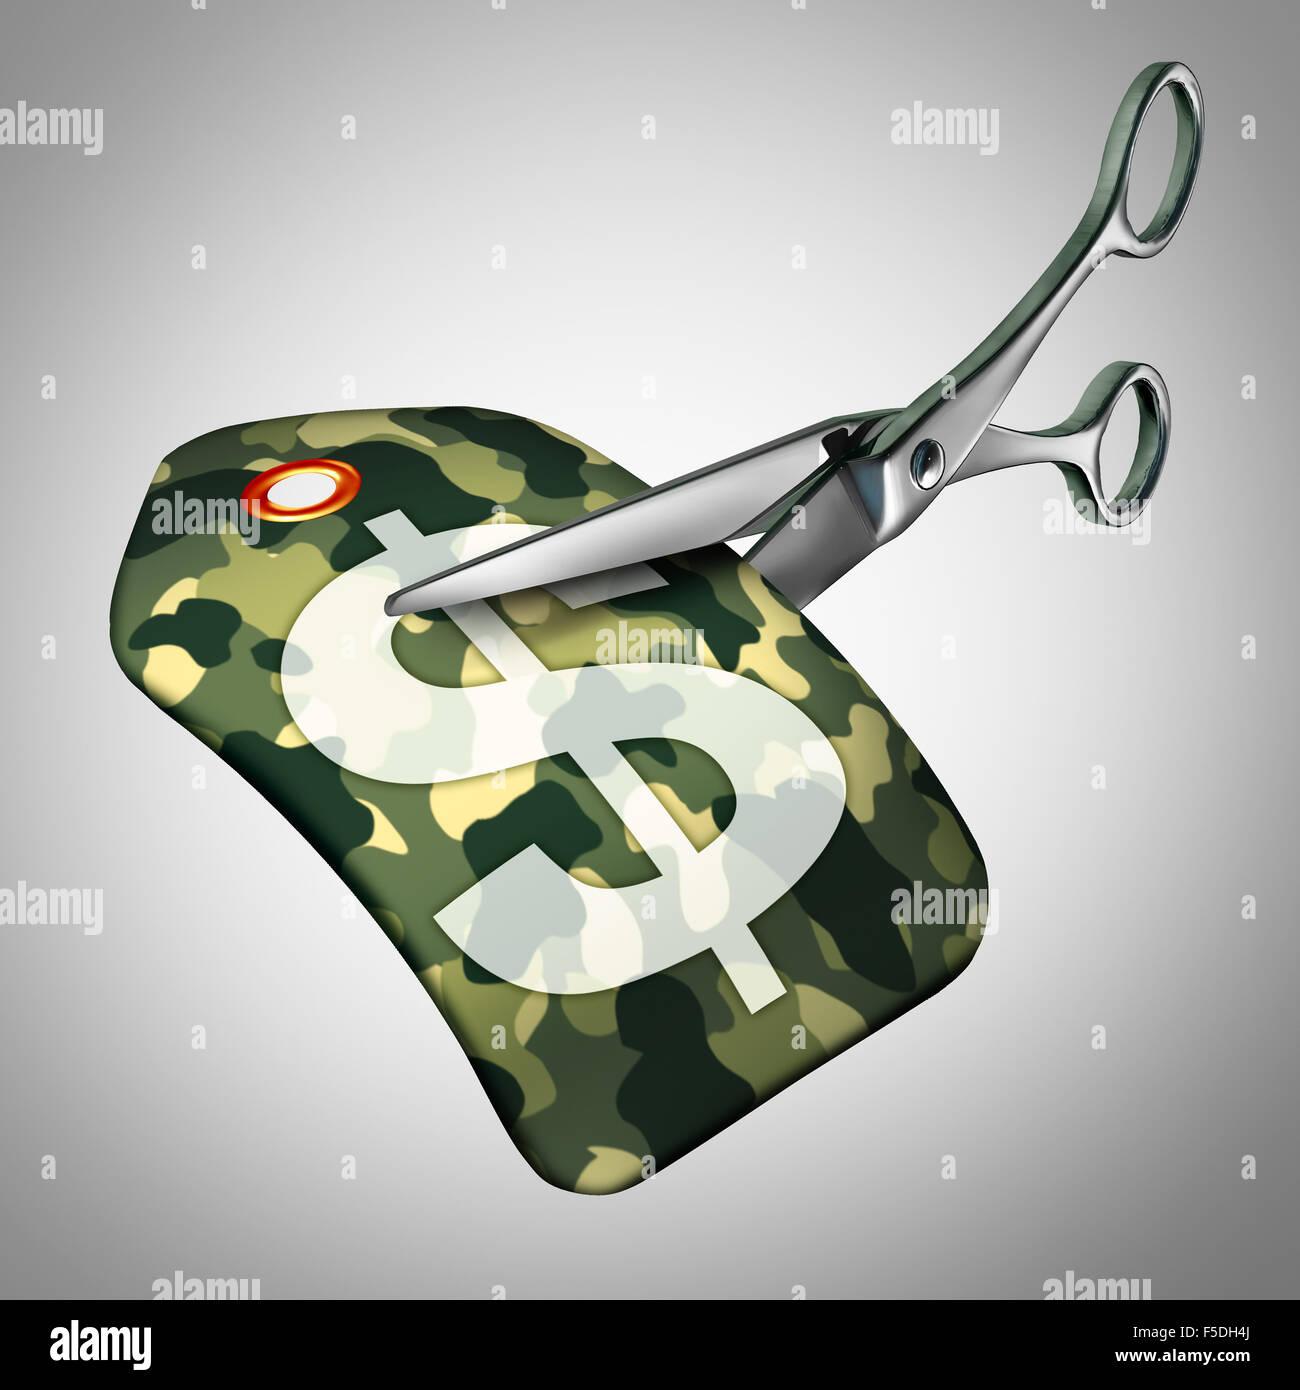 Reducciones militares y fuerzas armadas recortes concepto como un símbolo de reducción del gasto de defensa Imagen De Stock